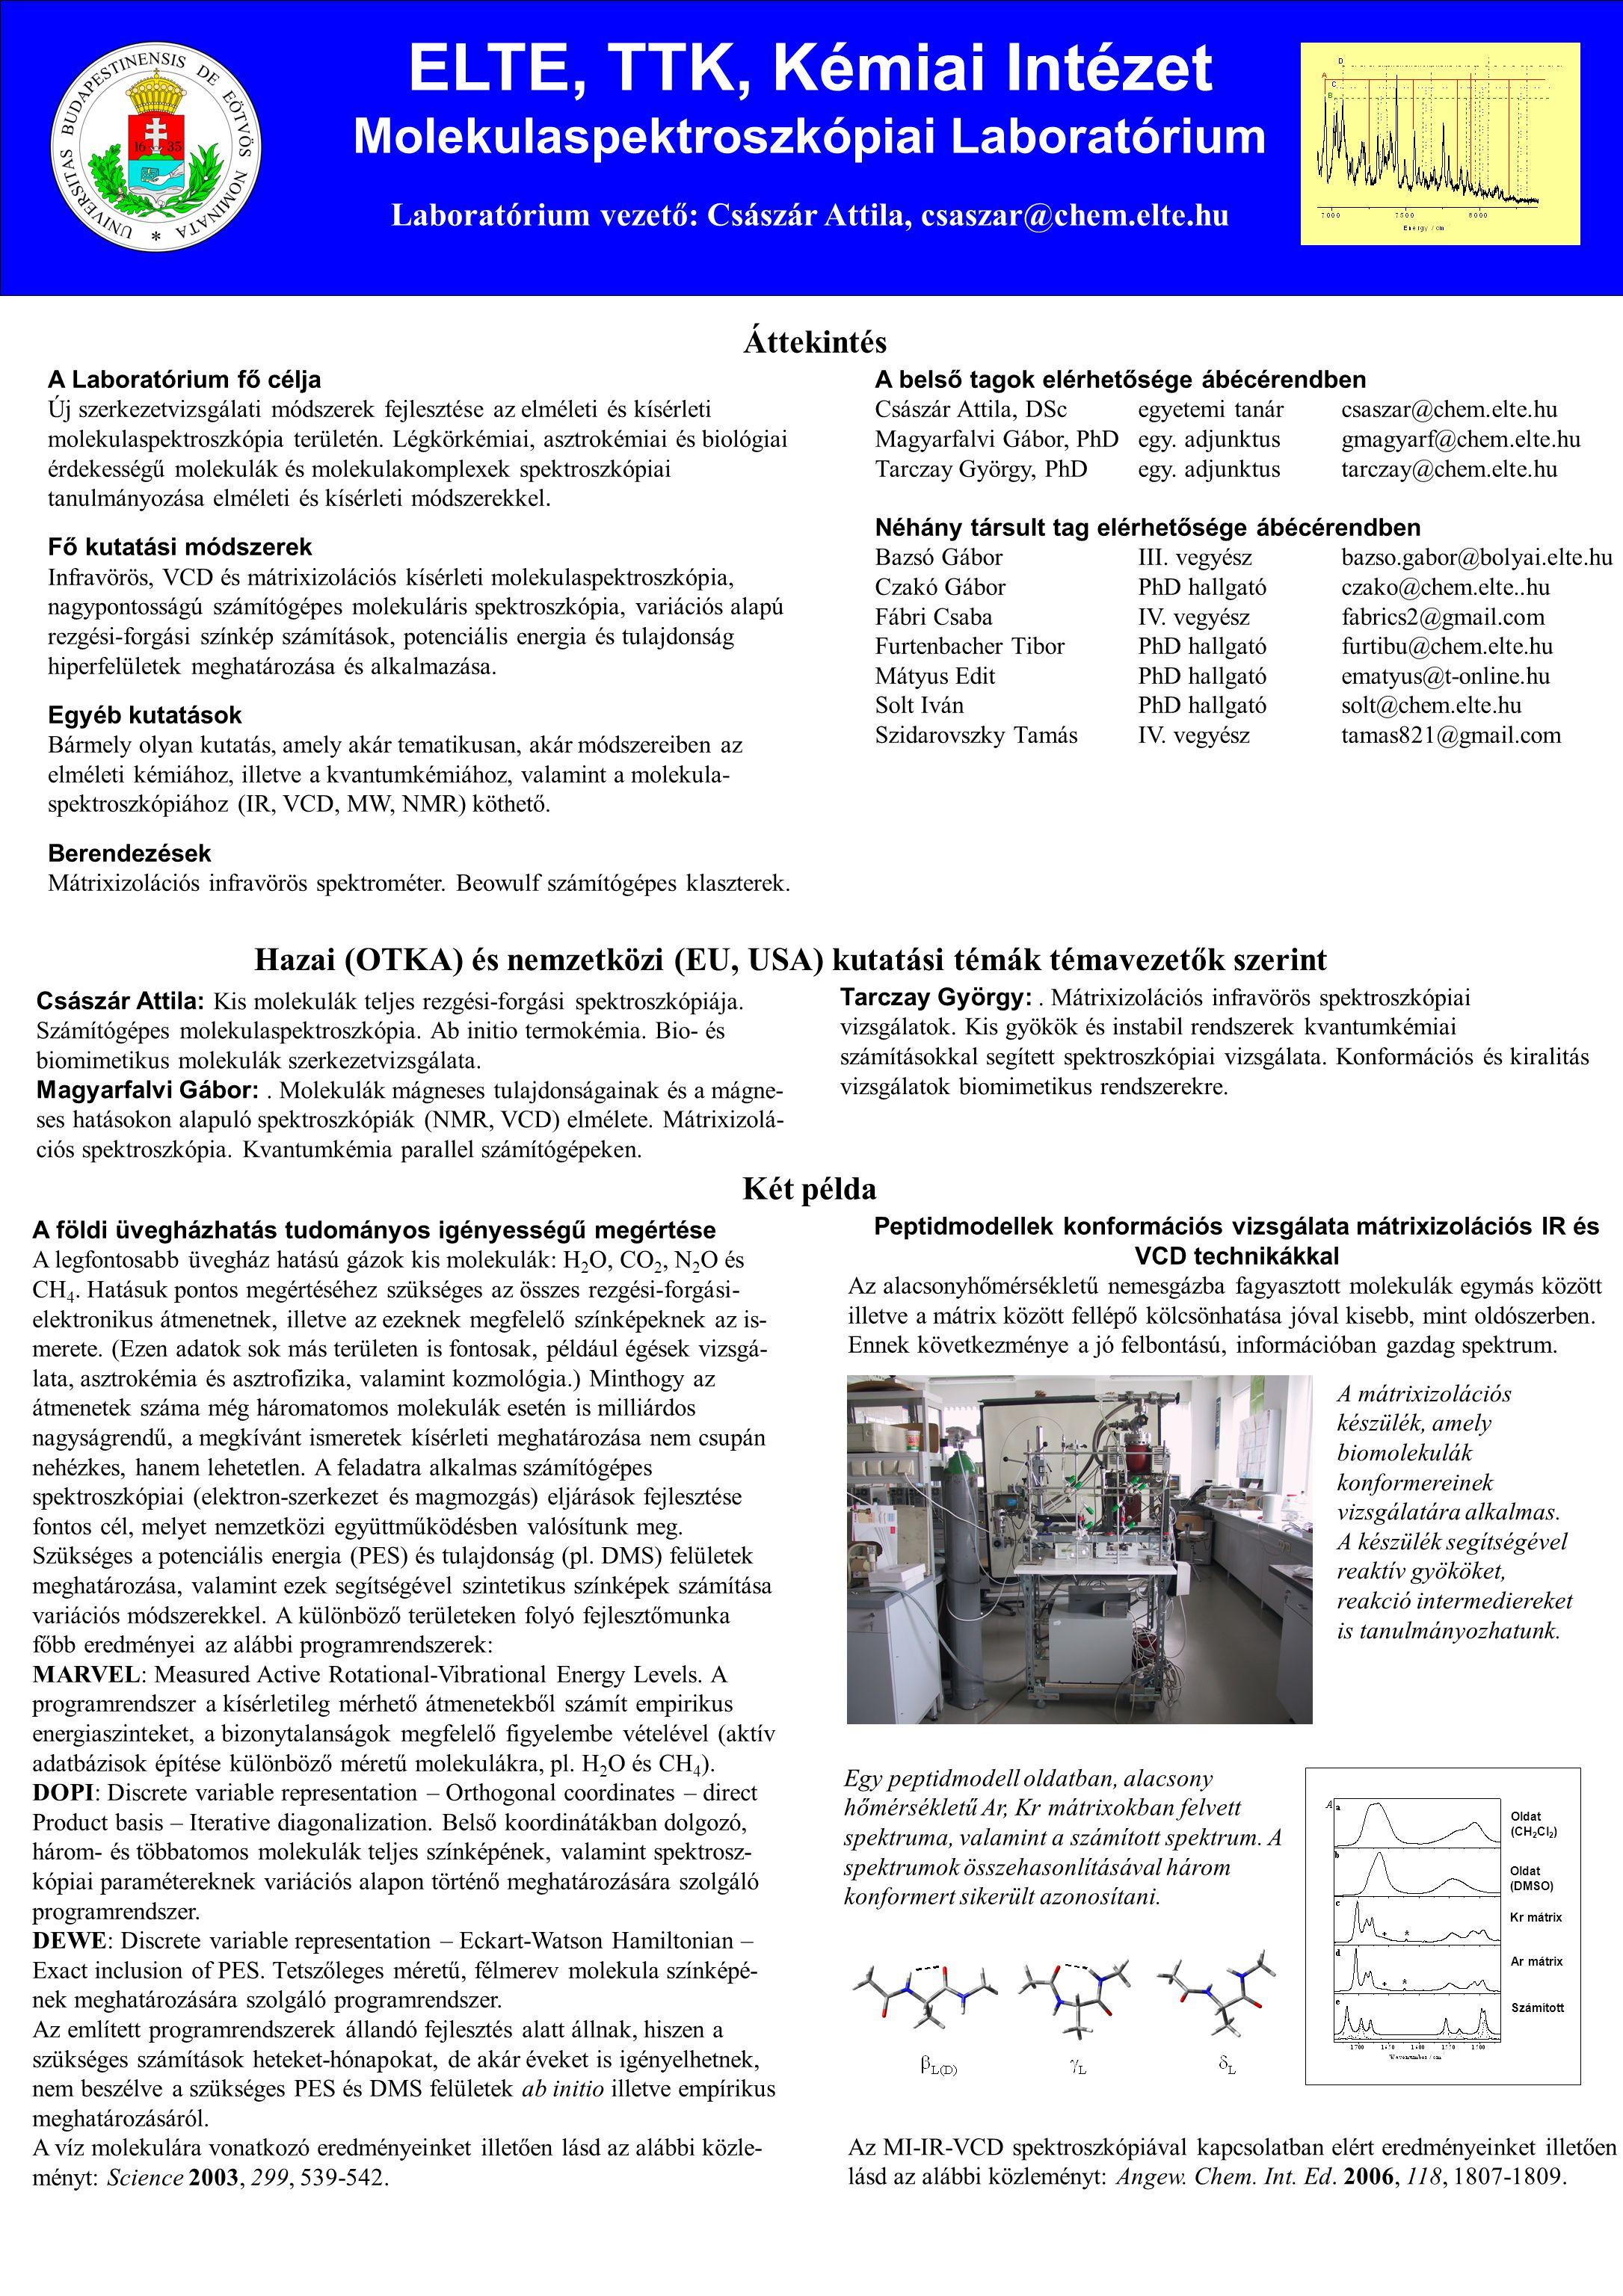 ELTE, TTK, Kémiai Intézet Molekulaspektroszkópiai Laboratórium Laboratórium vezető: Császár Attila, csaszar@chem.elte.hu